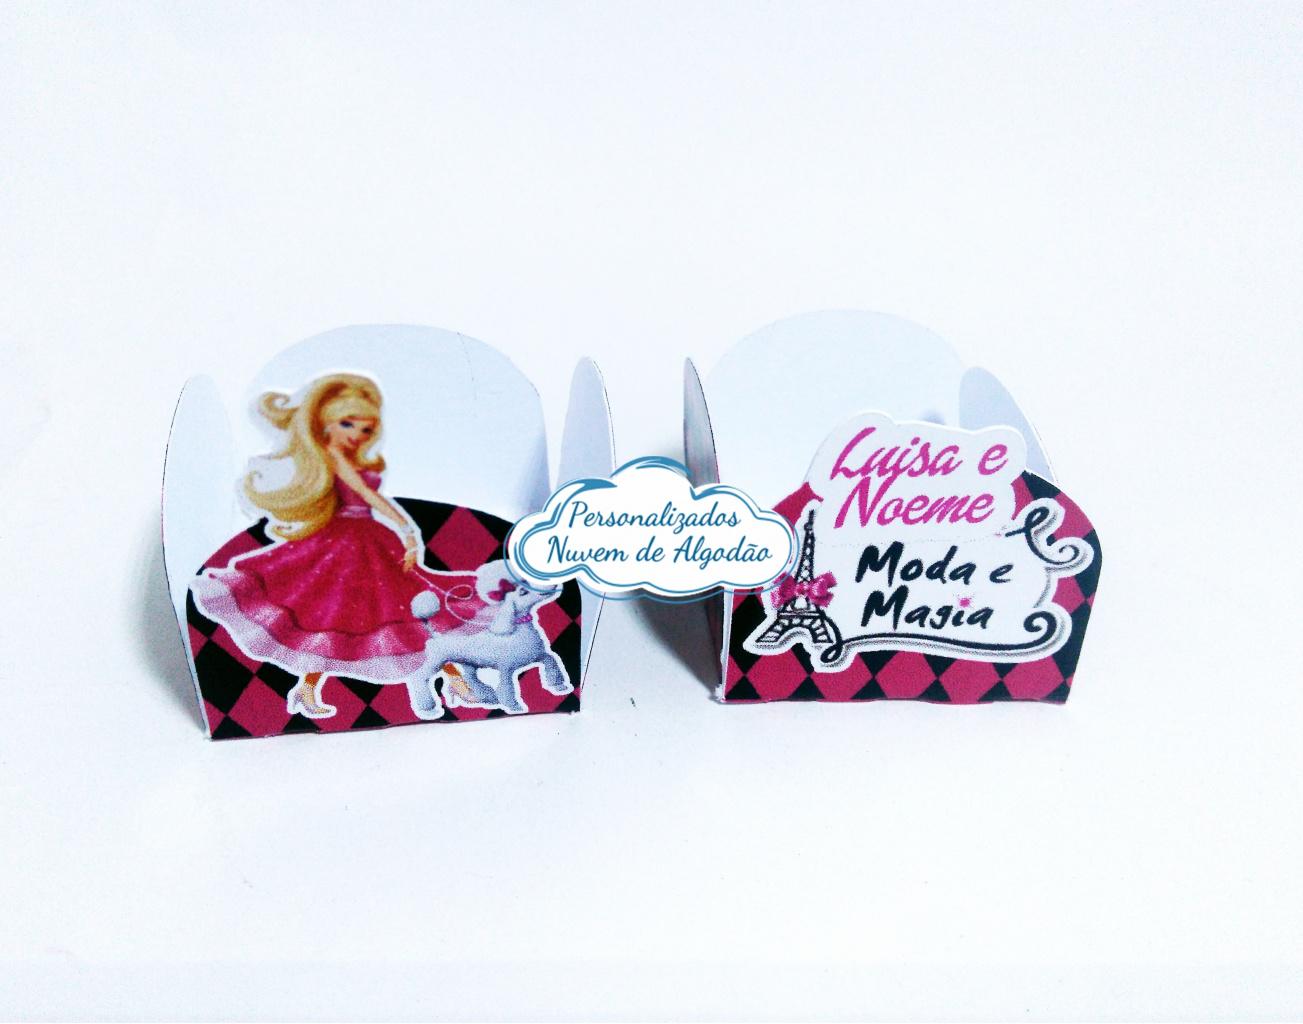 Nuvem de algodão personalizados - Forminha Barbie